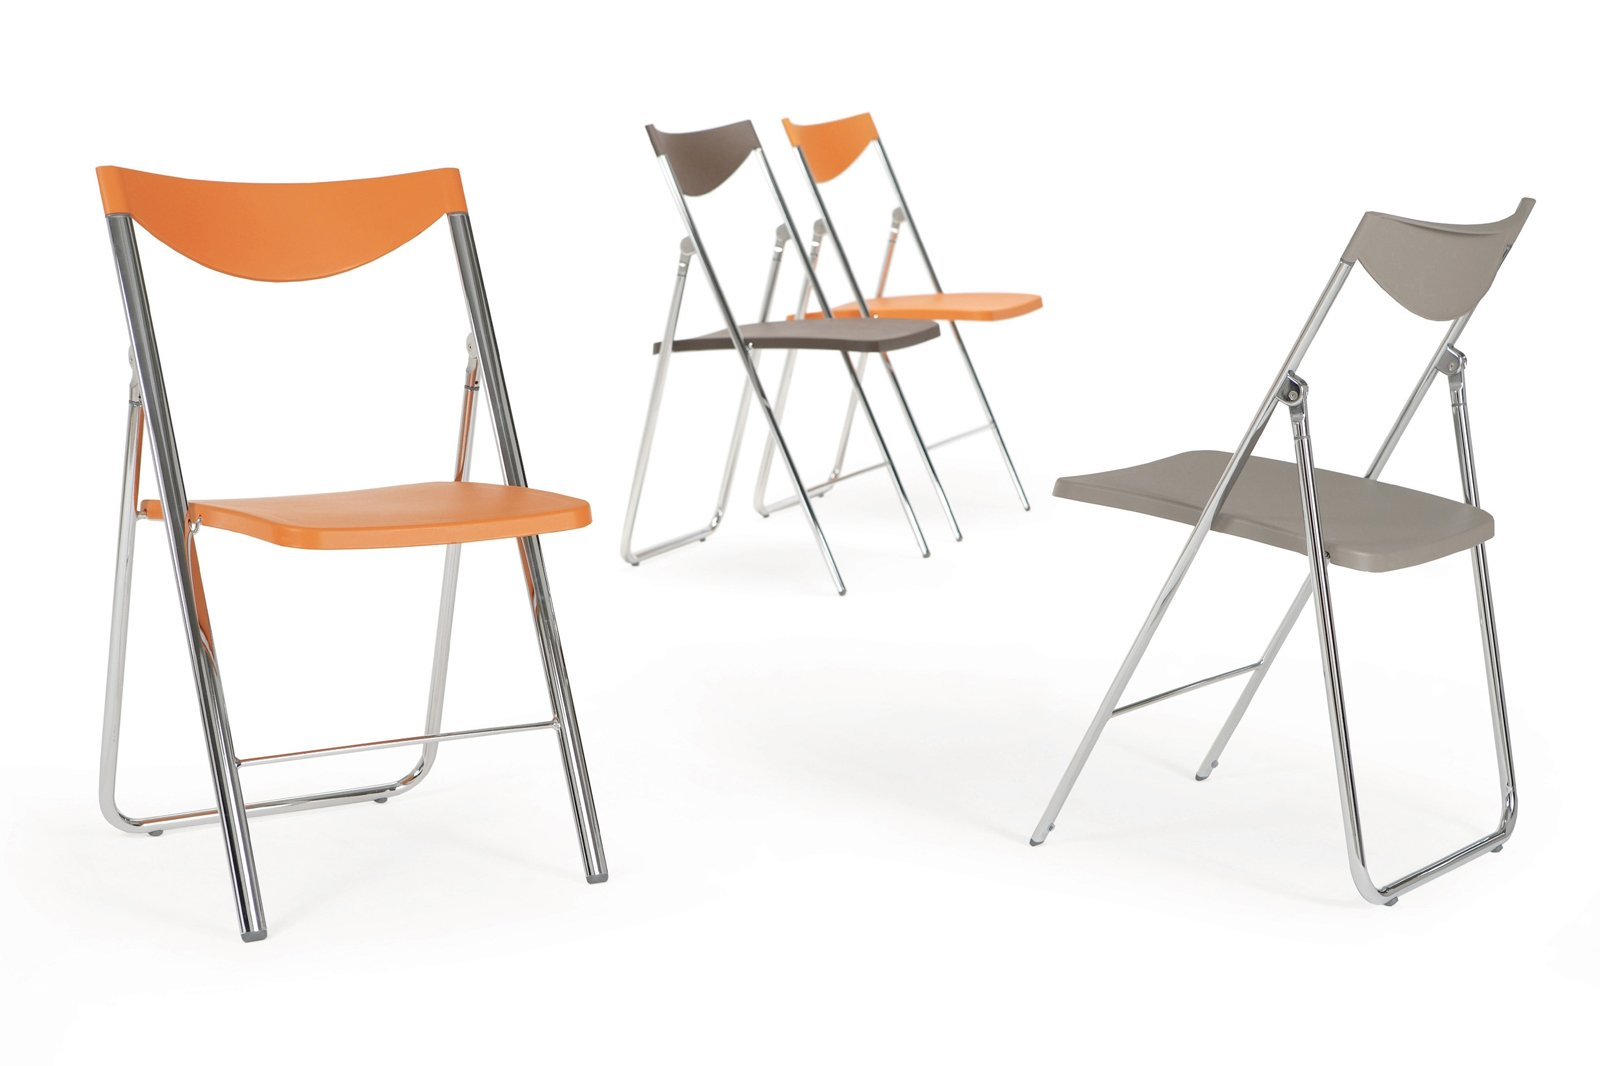 Sedie low cost 15 modelli a meno di 100 euro cose di casa - Sedia pieghevole design ...